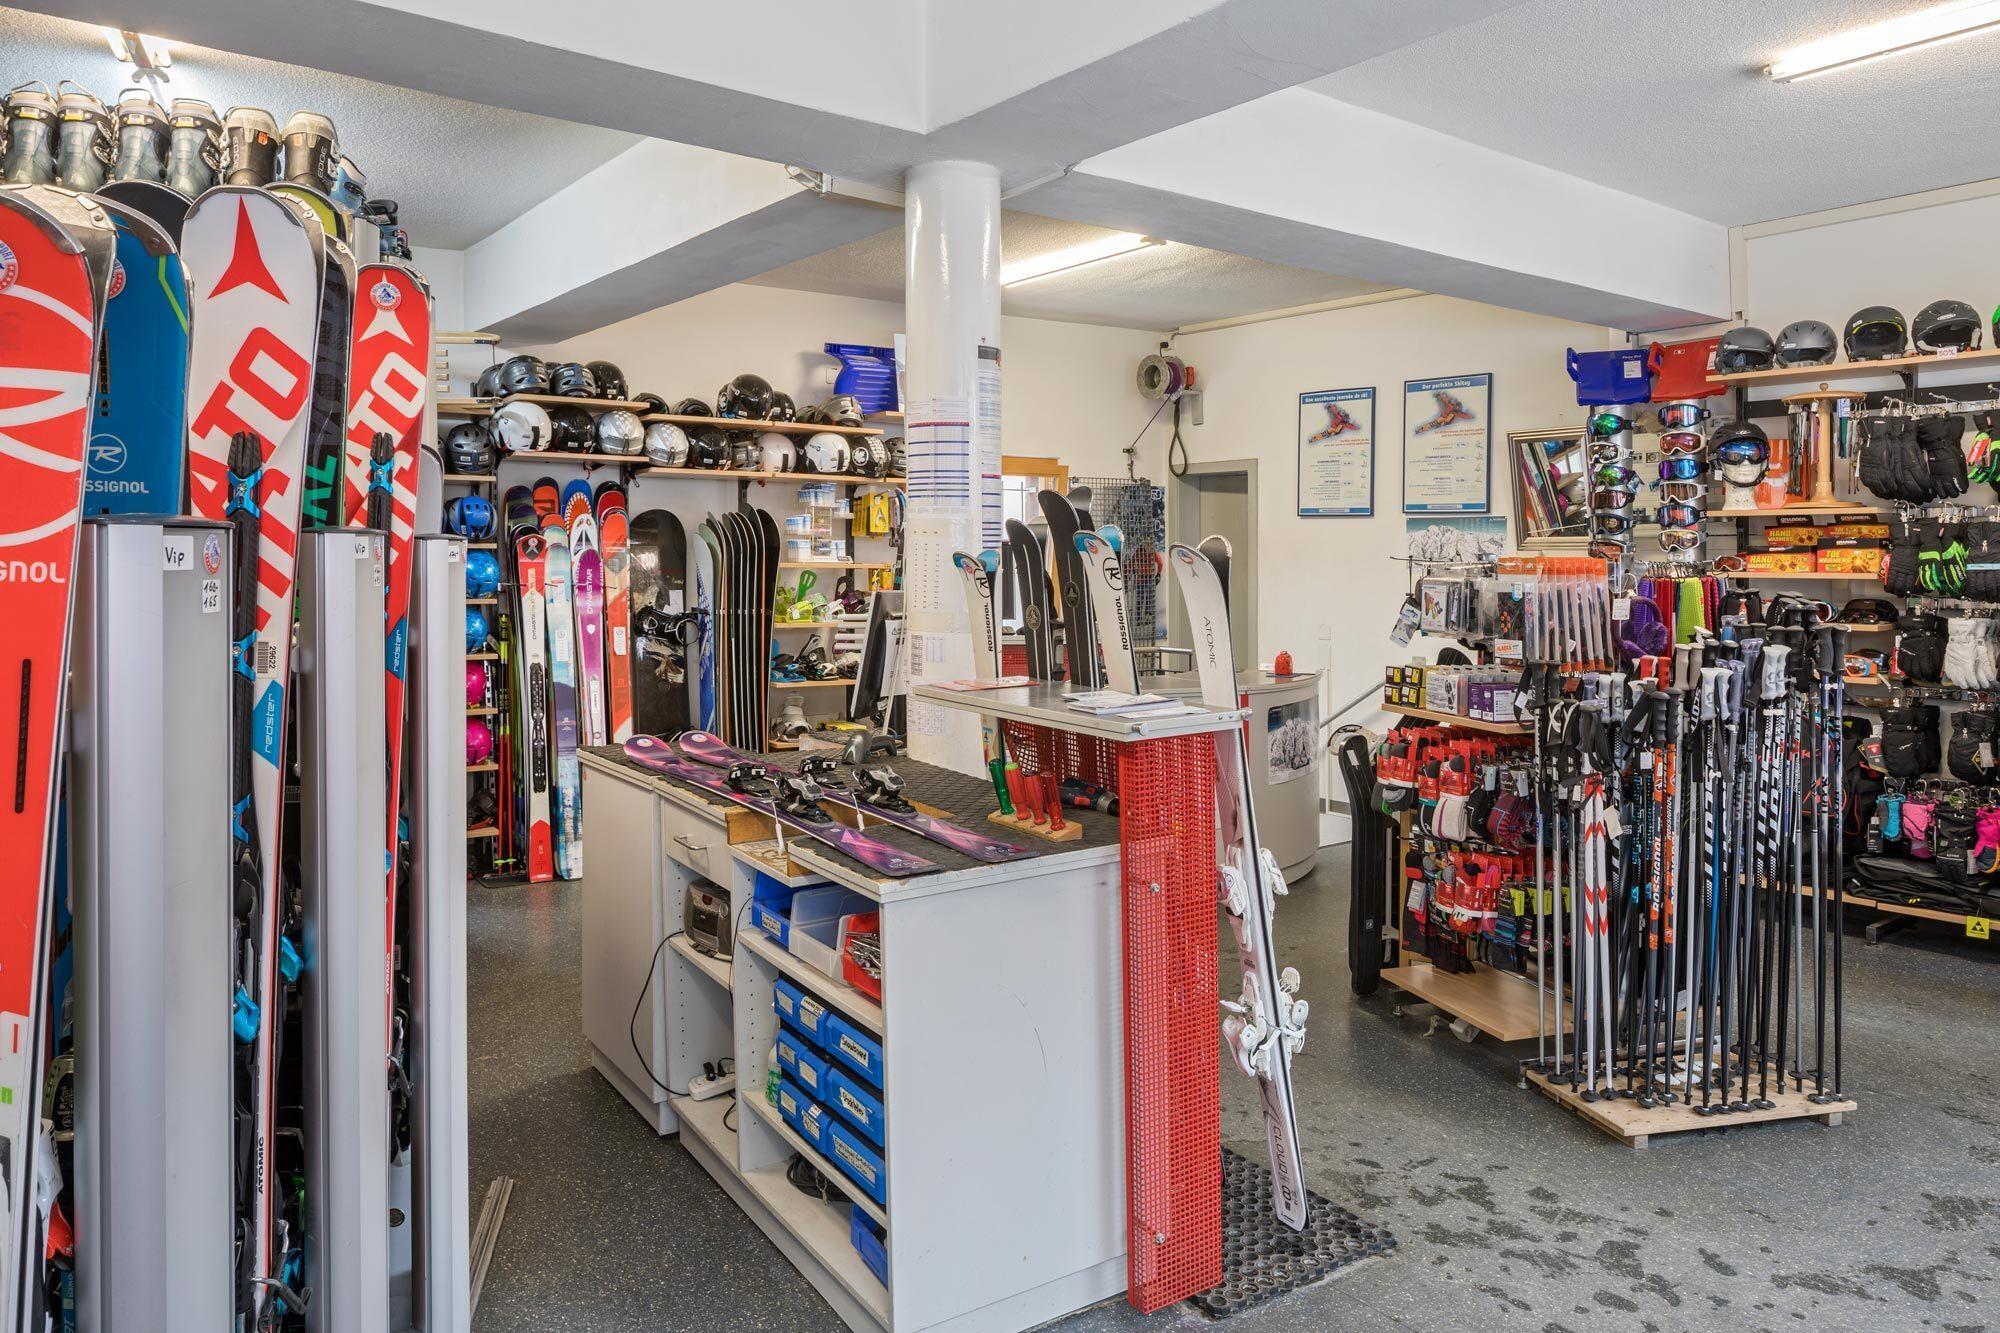 Kletterausrüstung Zermatt : Sportgeschäft zermatt: ski snowboards bergsportartikel bike shop